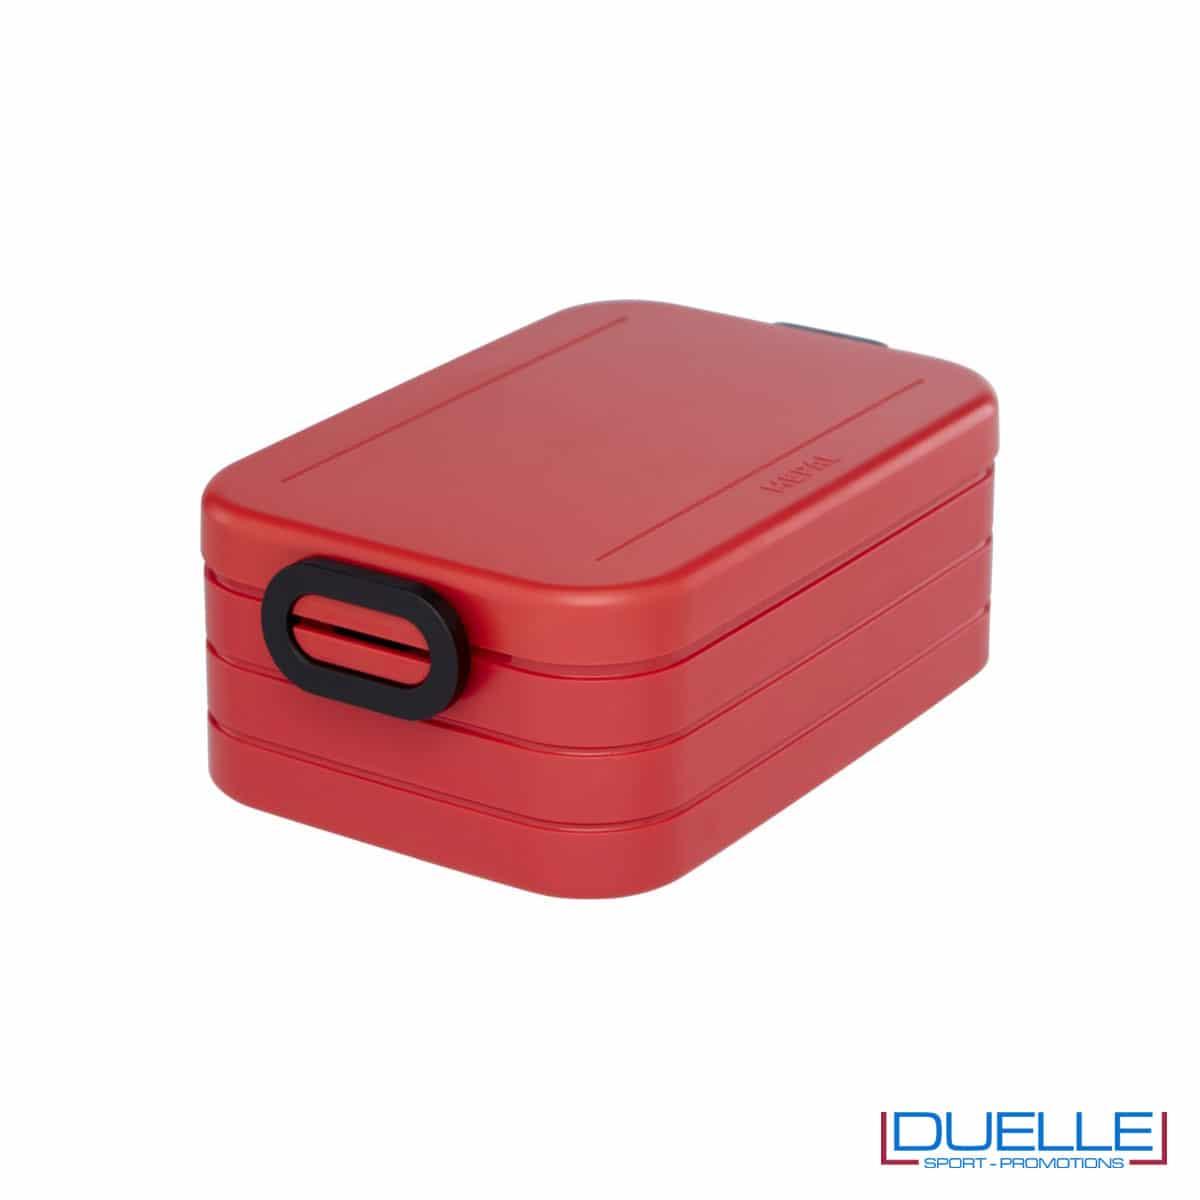 Contenitore porta pranzo Mepal colore rosso personalizzato